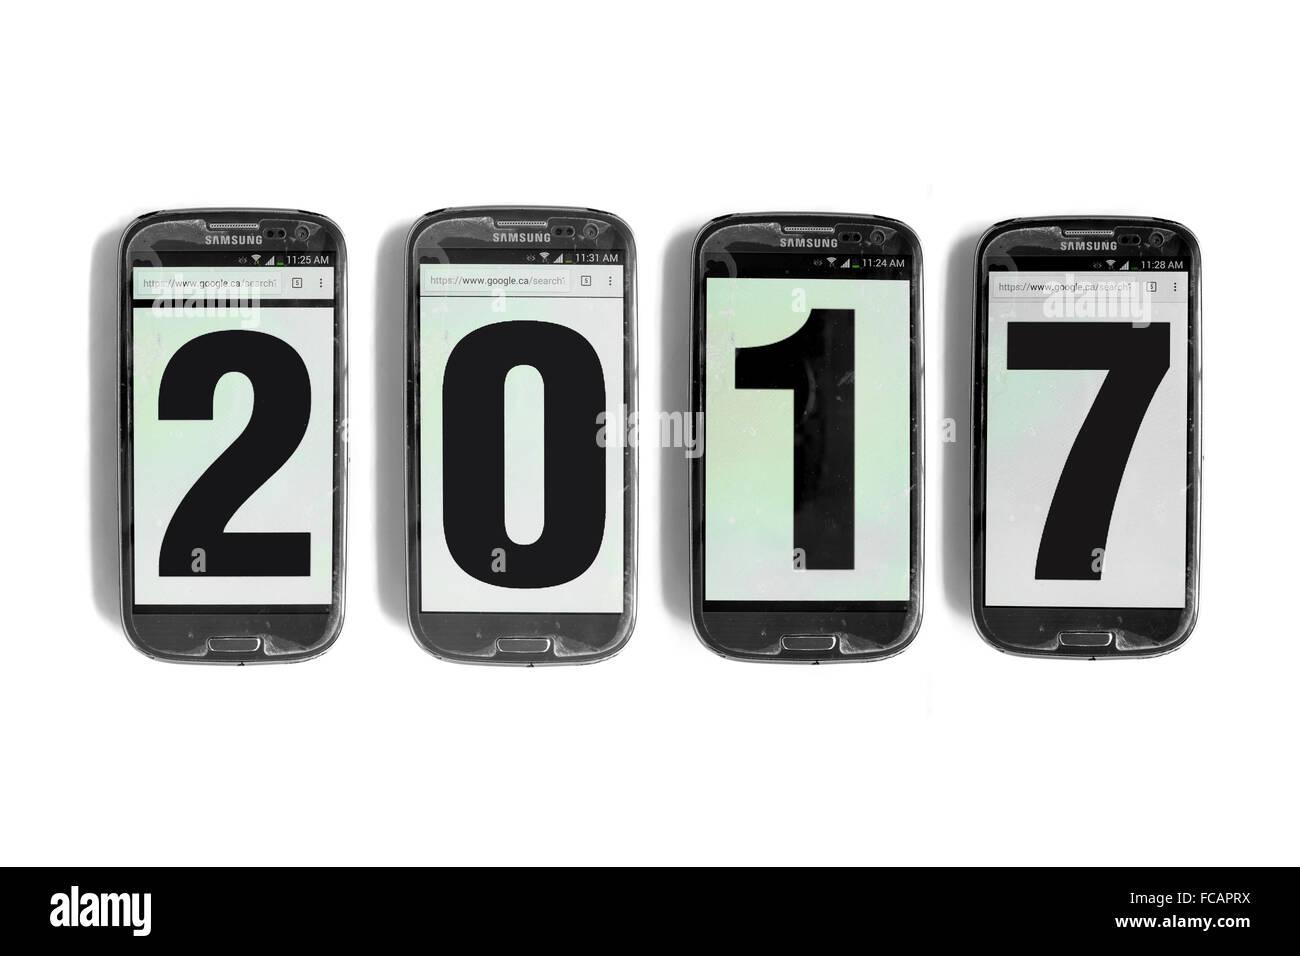 2017 scritto sullo schermo di smartphone fotografati contro uno sfondo bianco. Immagini Stock